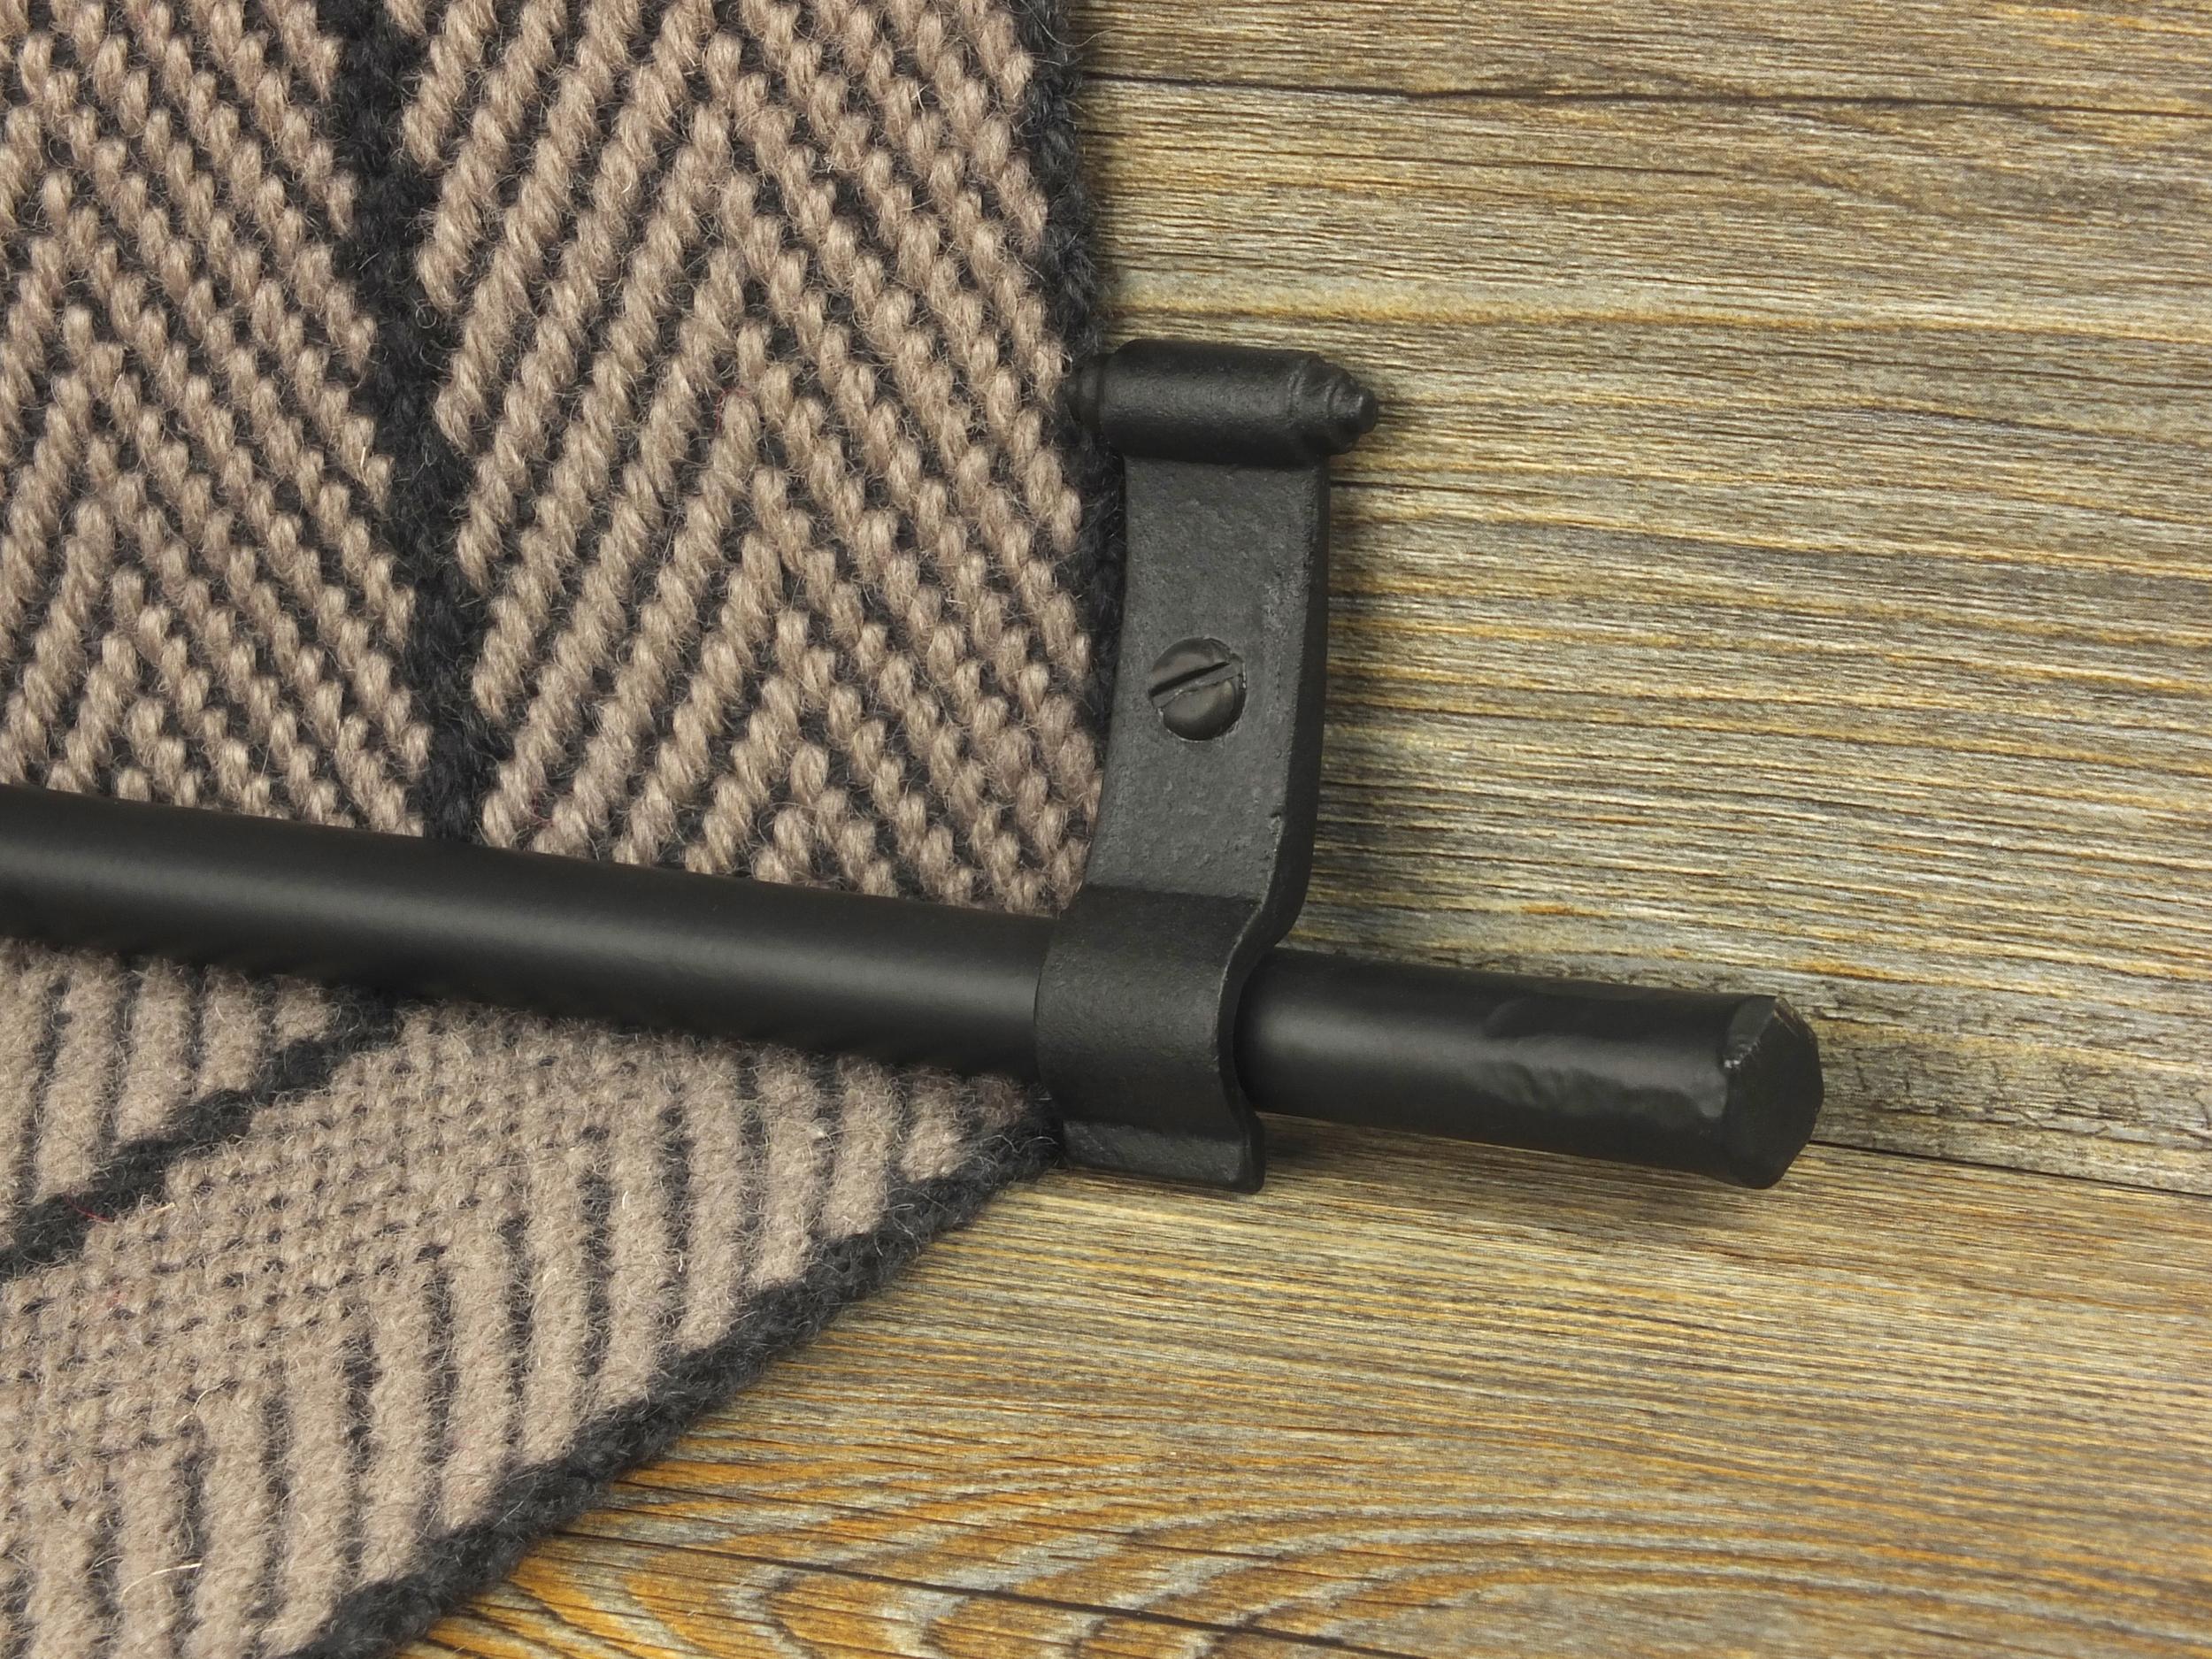 stairrods-blacksmith-blunt 1 .jpg